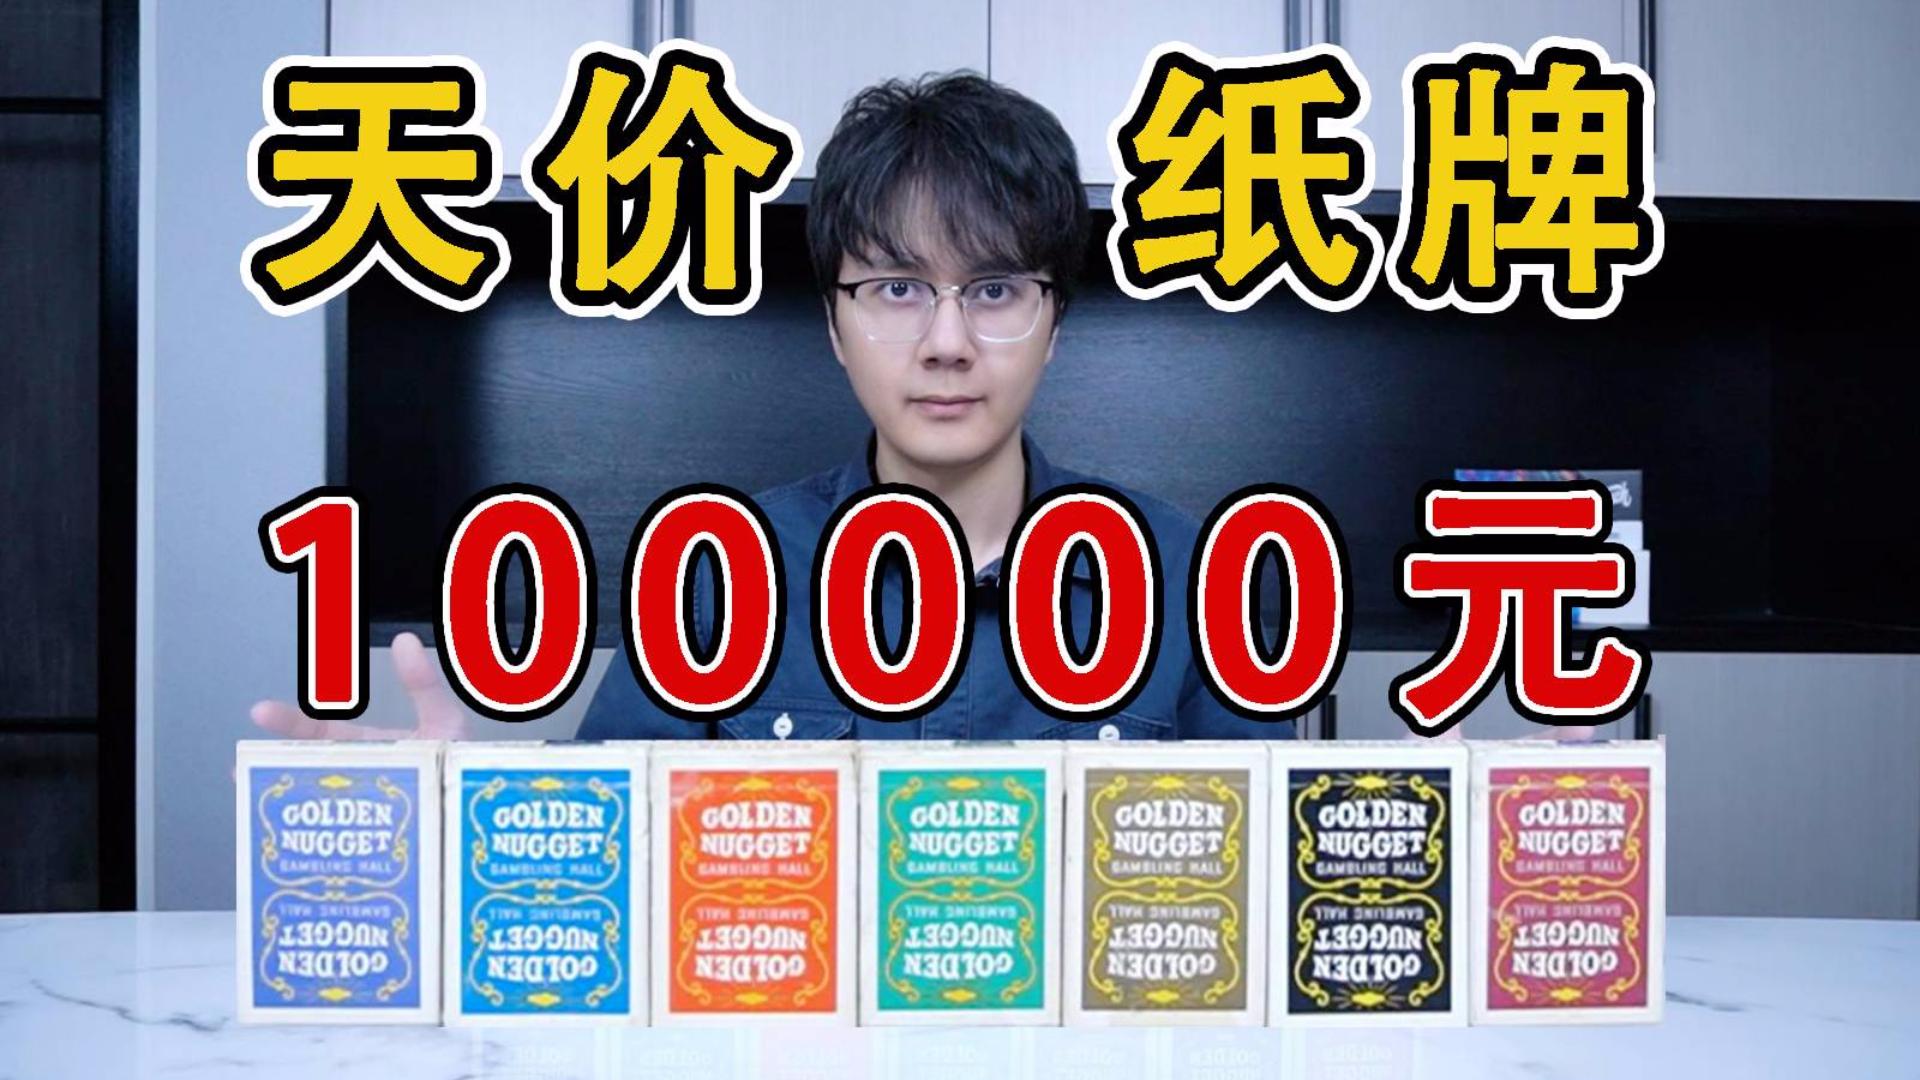 全网最贵开箱!10万元天价扑克!60年前的古董牌玩起来是什么感觉?【咕咕星纸牌测评】